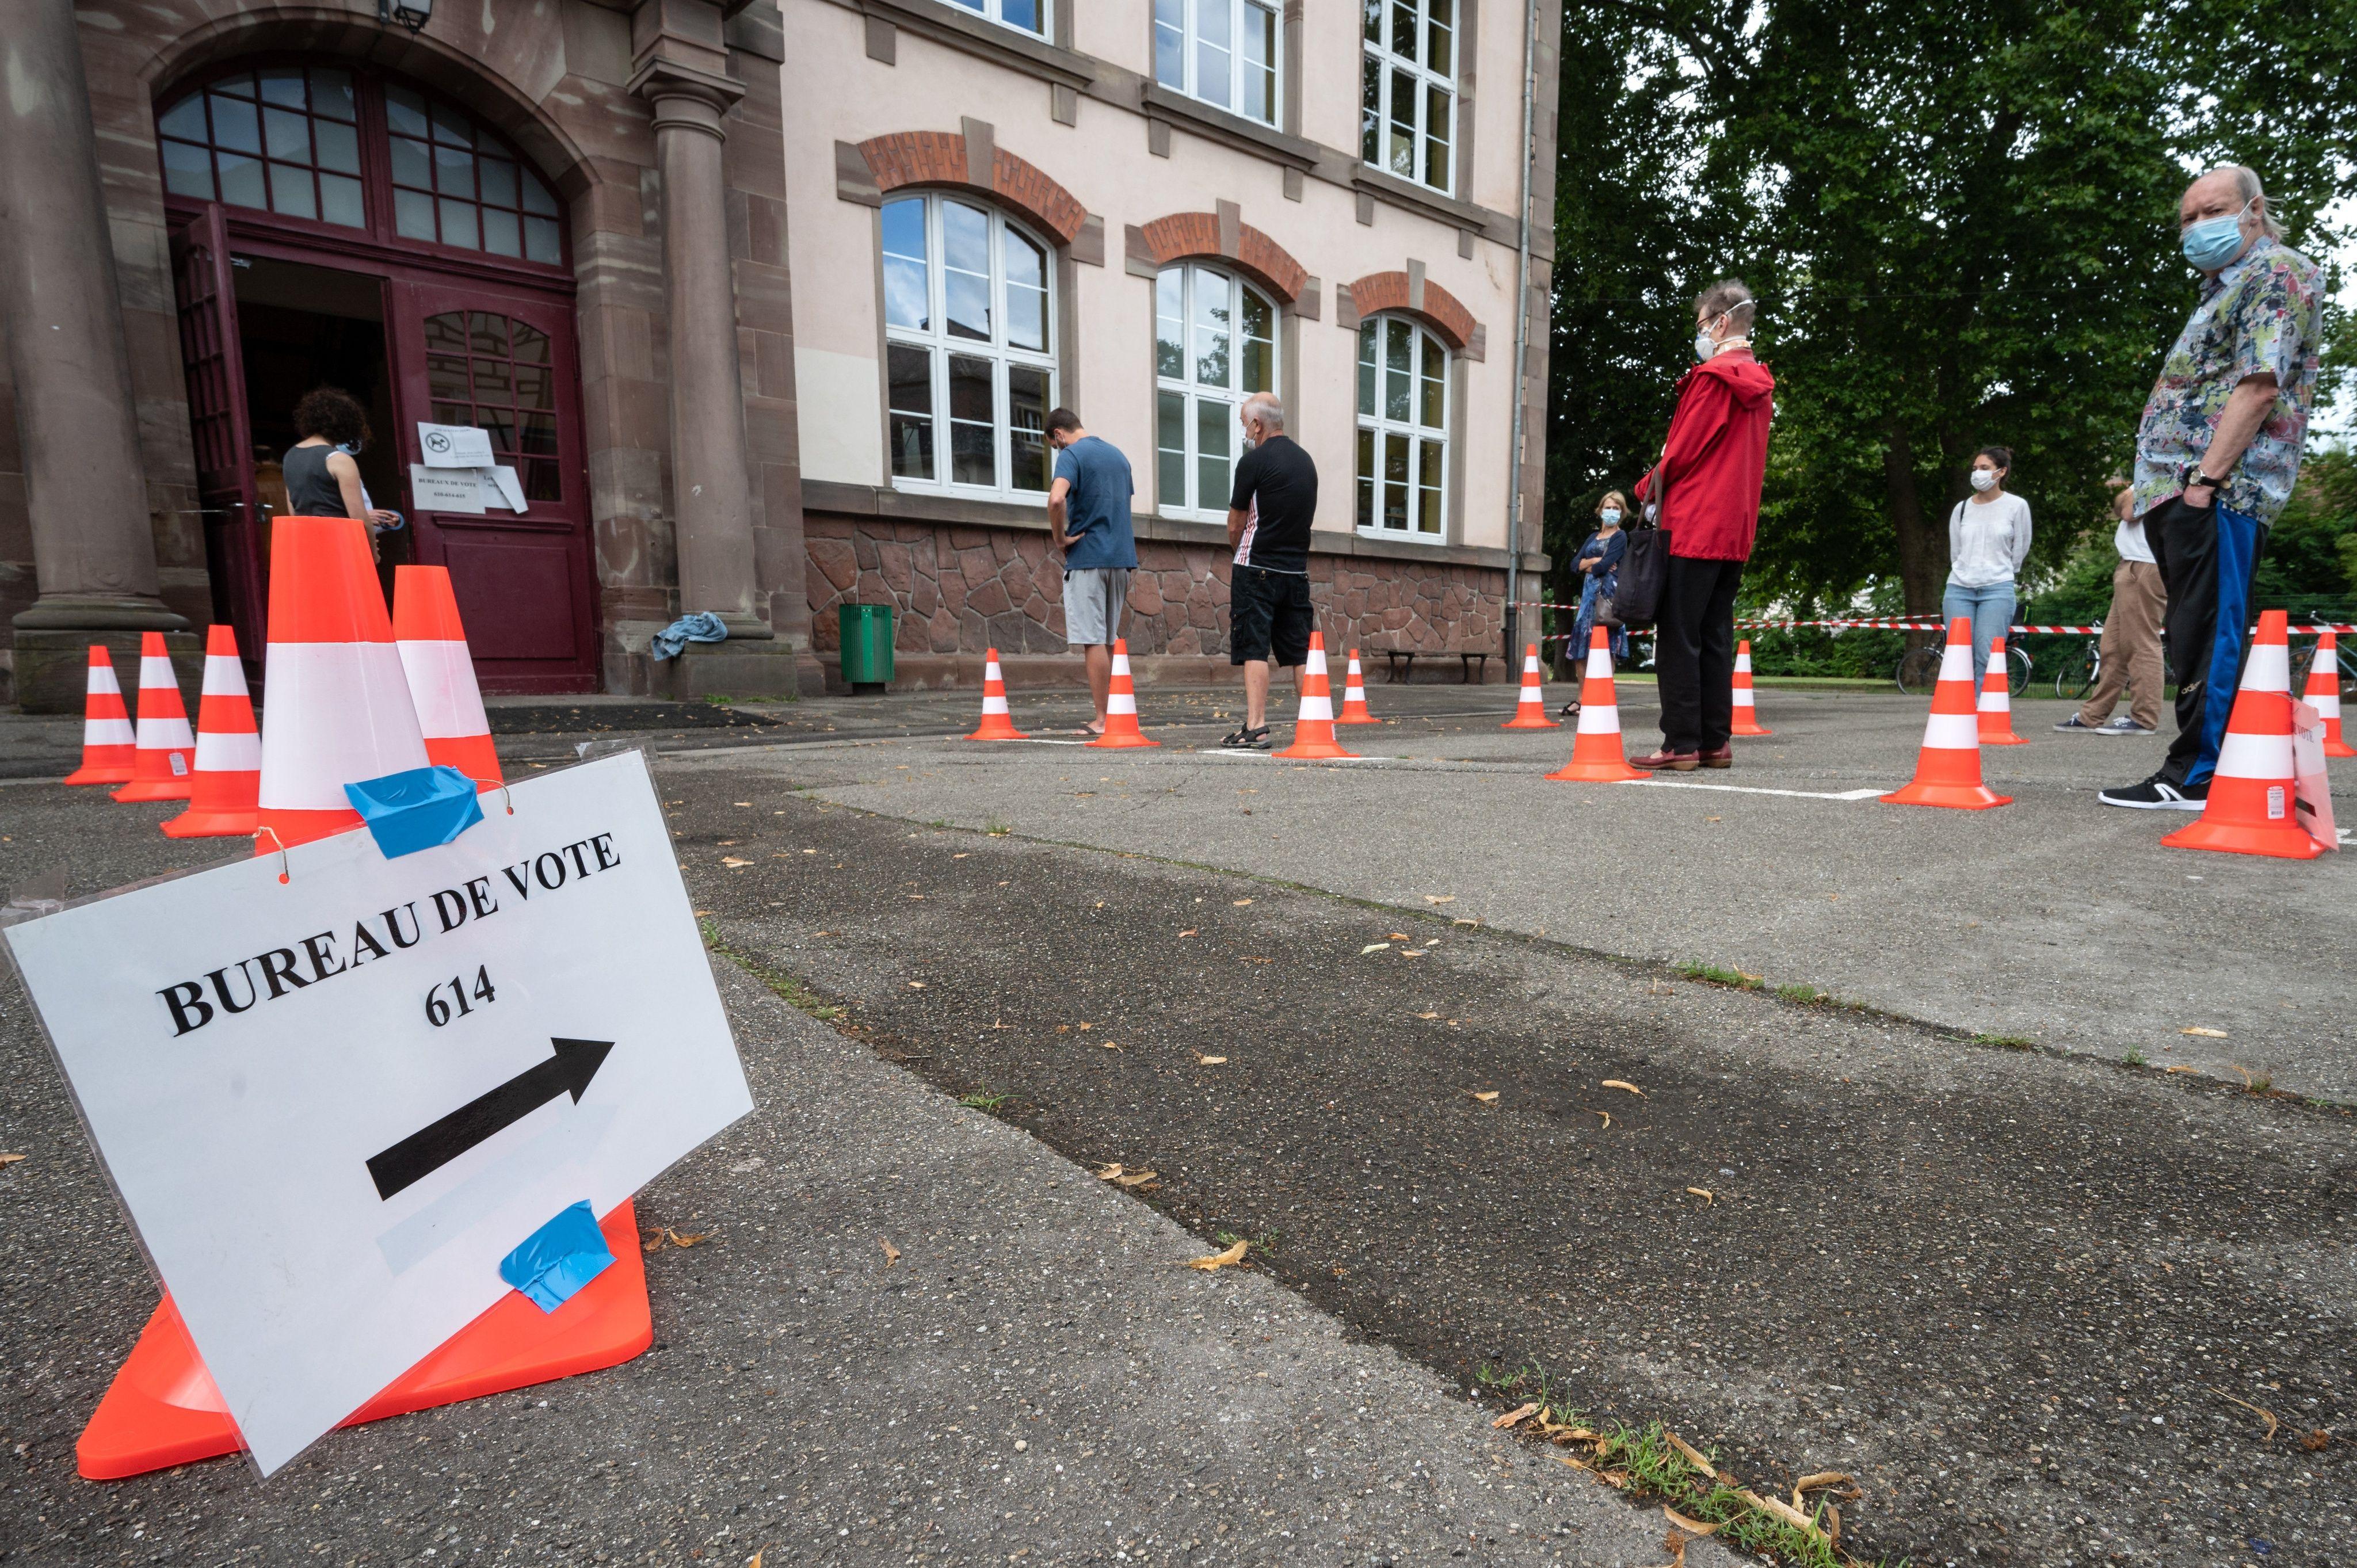 La queue devant un bureau de vote à Strasbourg, lors des municipales 2020. Illustration.